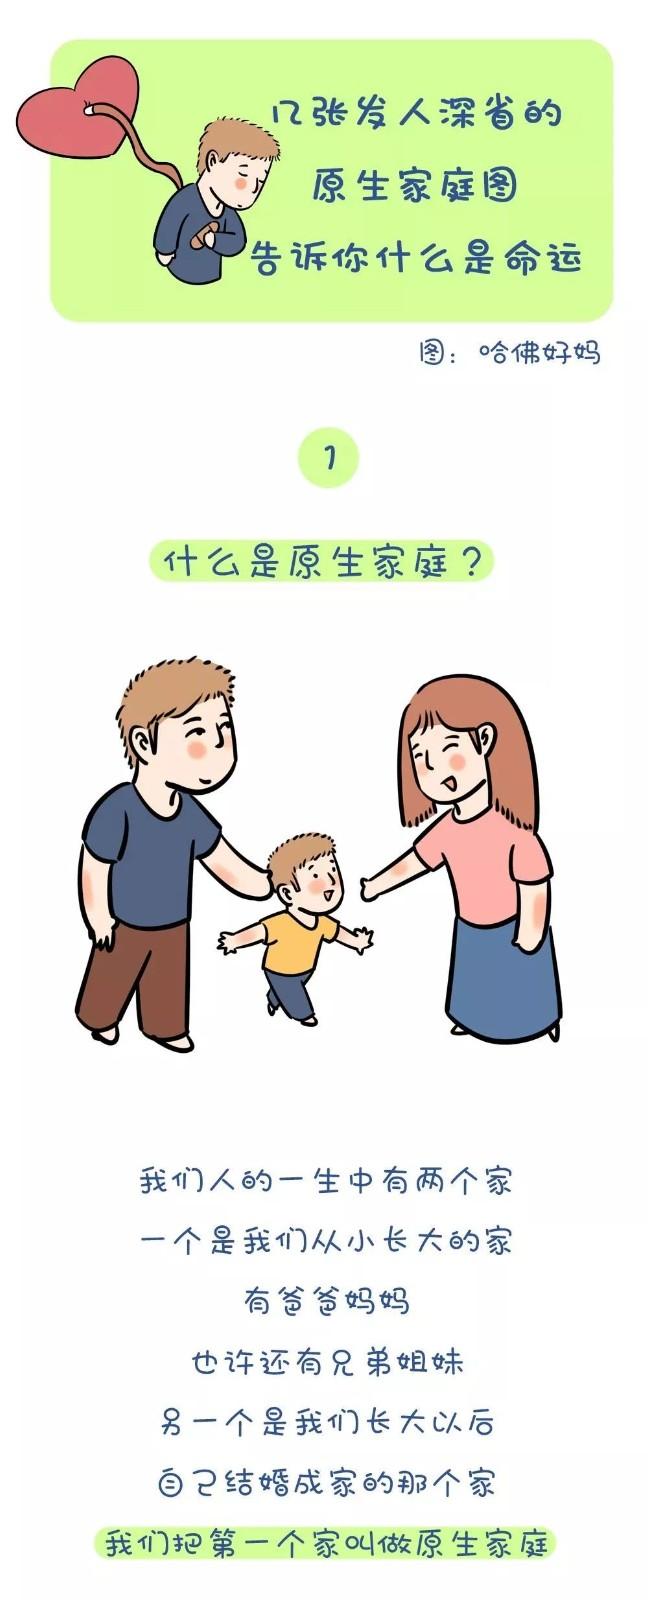 几张发人深省的原生家庭图,告诉你什么是命运!